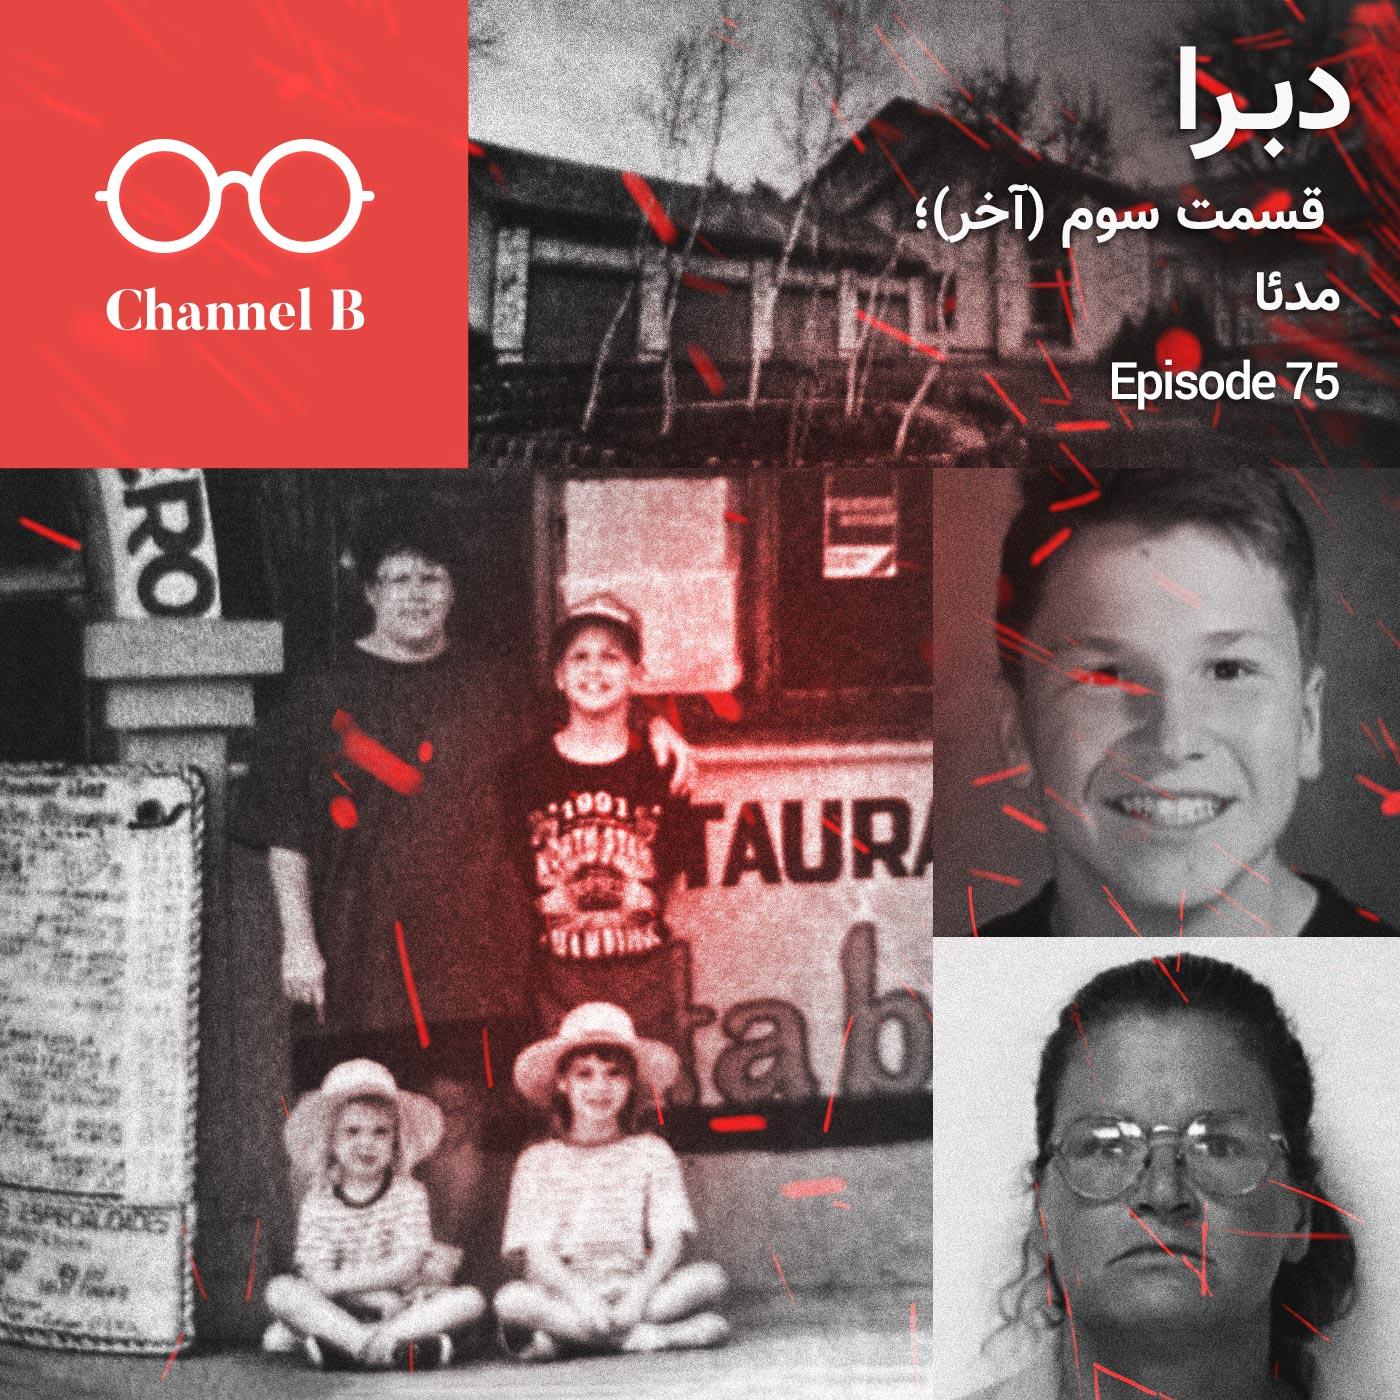 هفتاد و پنج – سریال دبرا قسمت سوم(آخر)؛ مدئازمان تقریبی مطالعه: ۱ دقیقه